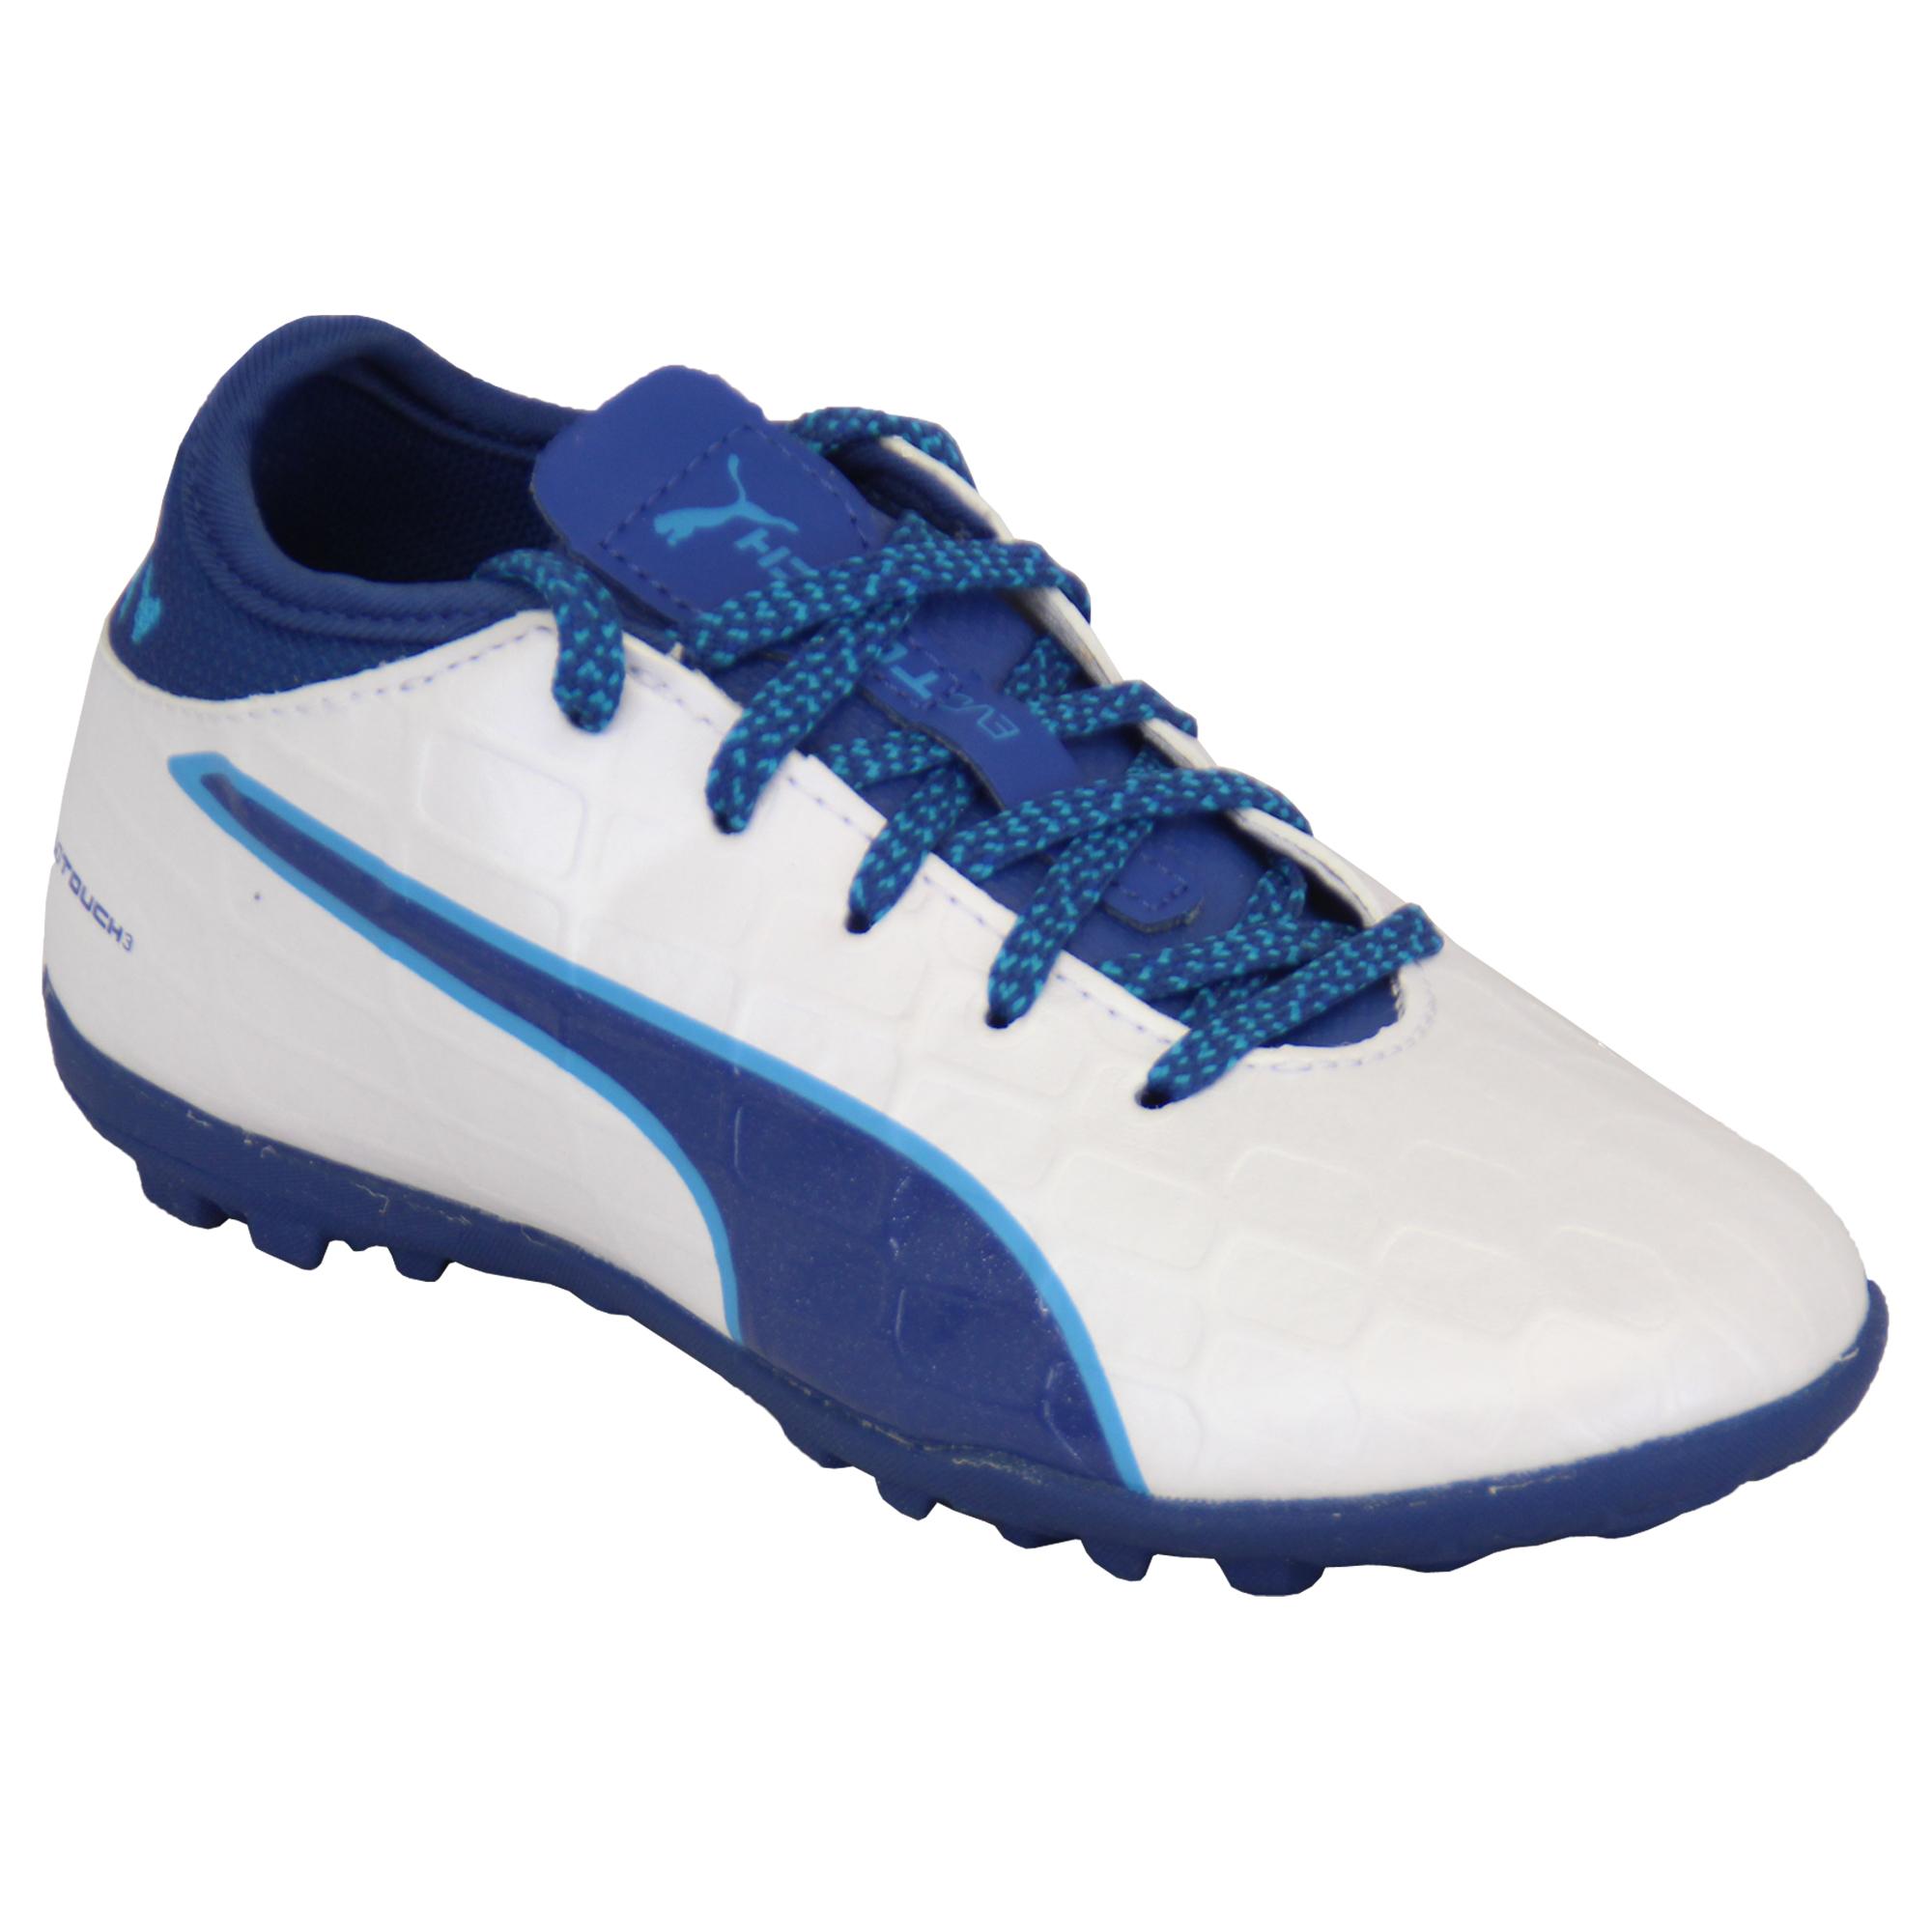 Ragazzi-Calcio-Scarpe-da-ginnastica-Puma-Bambini-Astro-Turf-Evo-Touch-Power-Stivali-Scarpe-Sportive miniatura 6